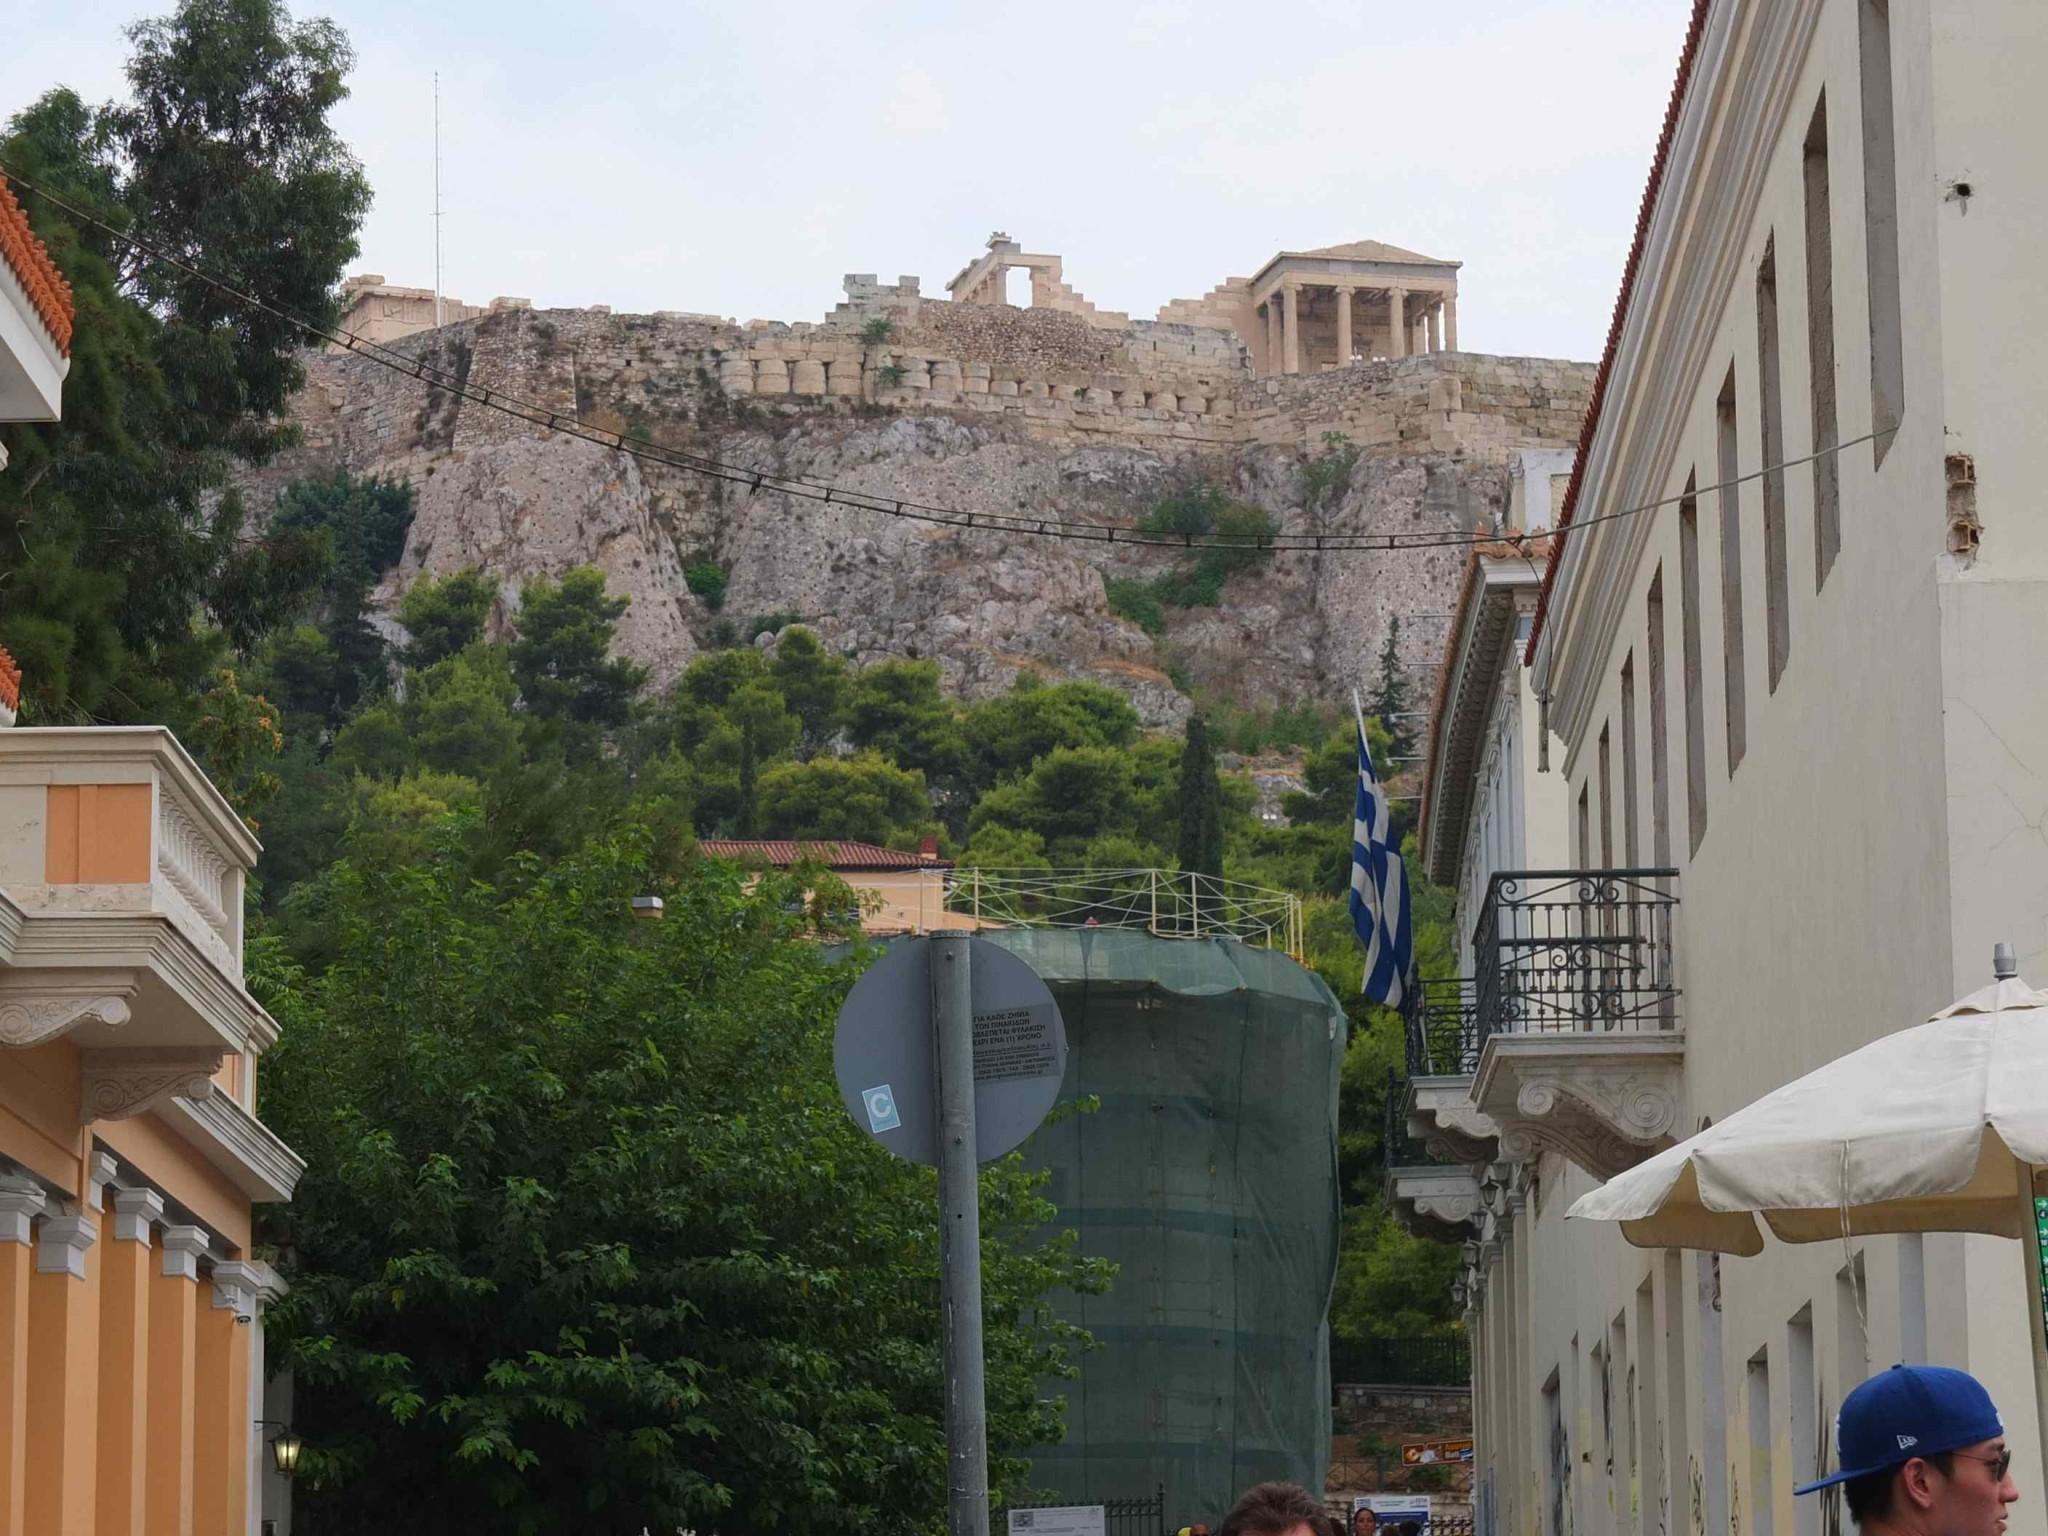 プラカ地区を歩いてると、いたるところからパルテノン神殿が見えます。